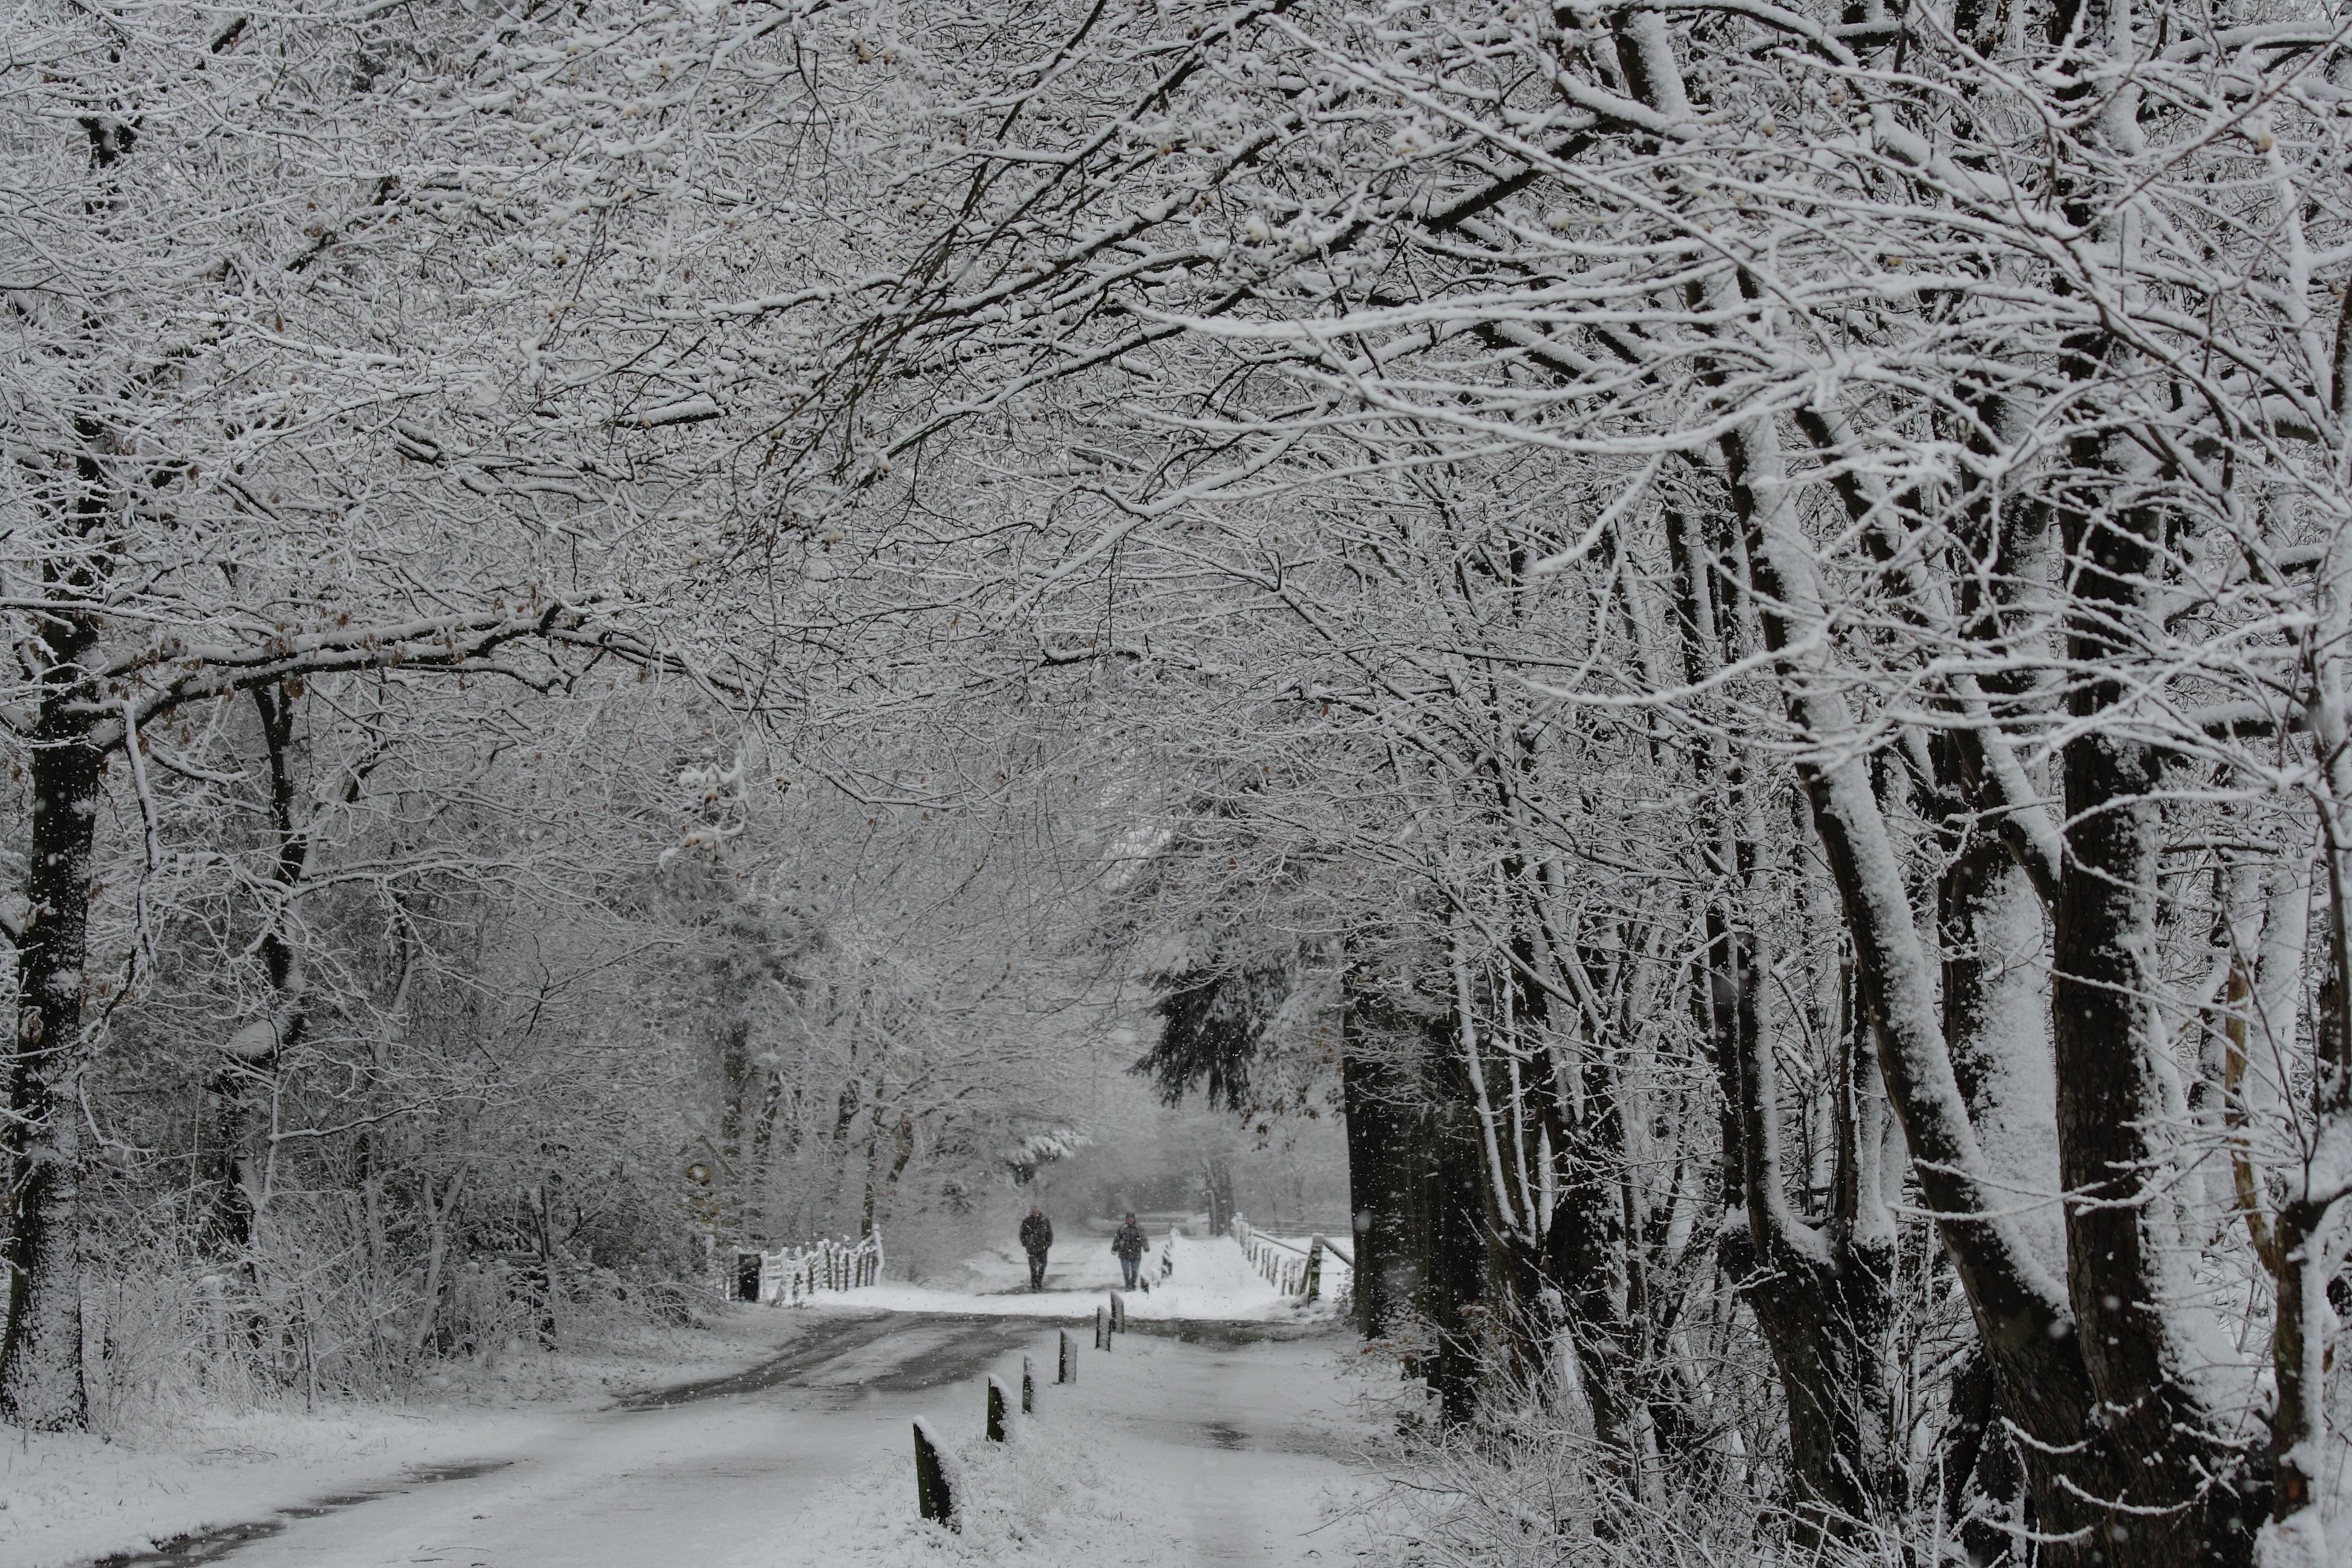 Sneeuwlandschap op 2e paasdag op pad weblog van klaske de jong - S van de bureau ...